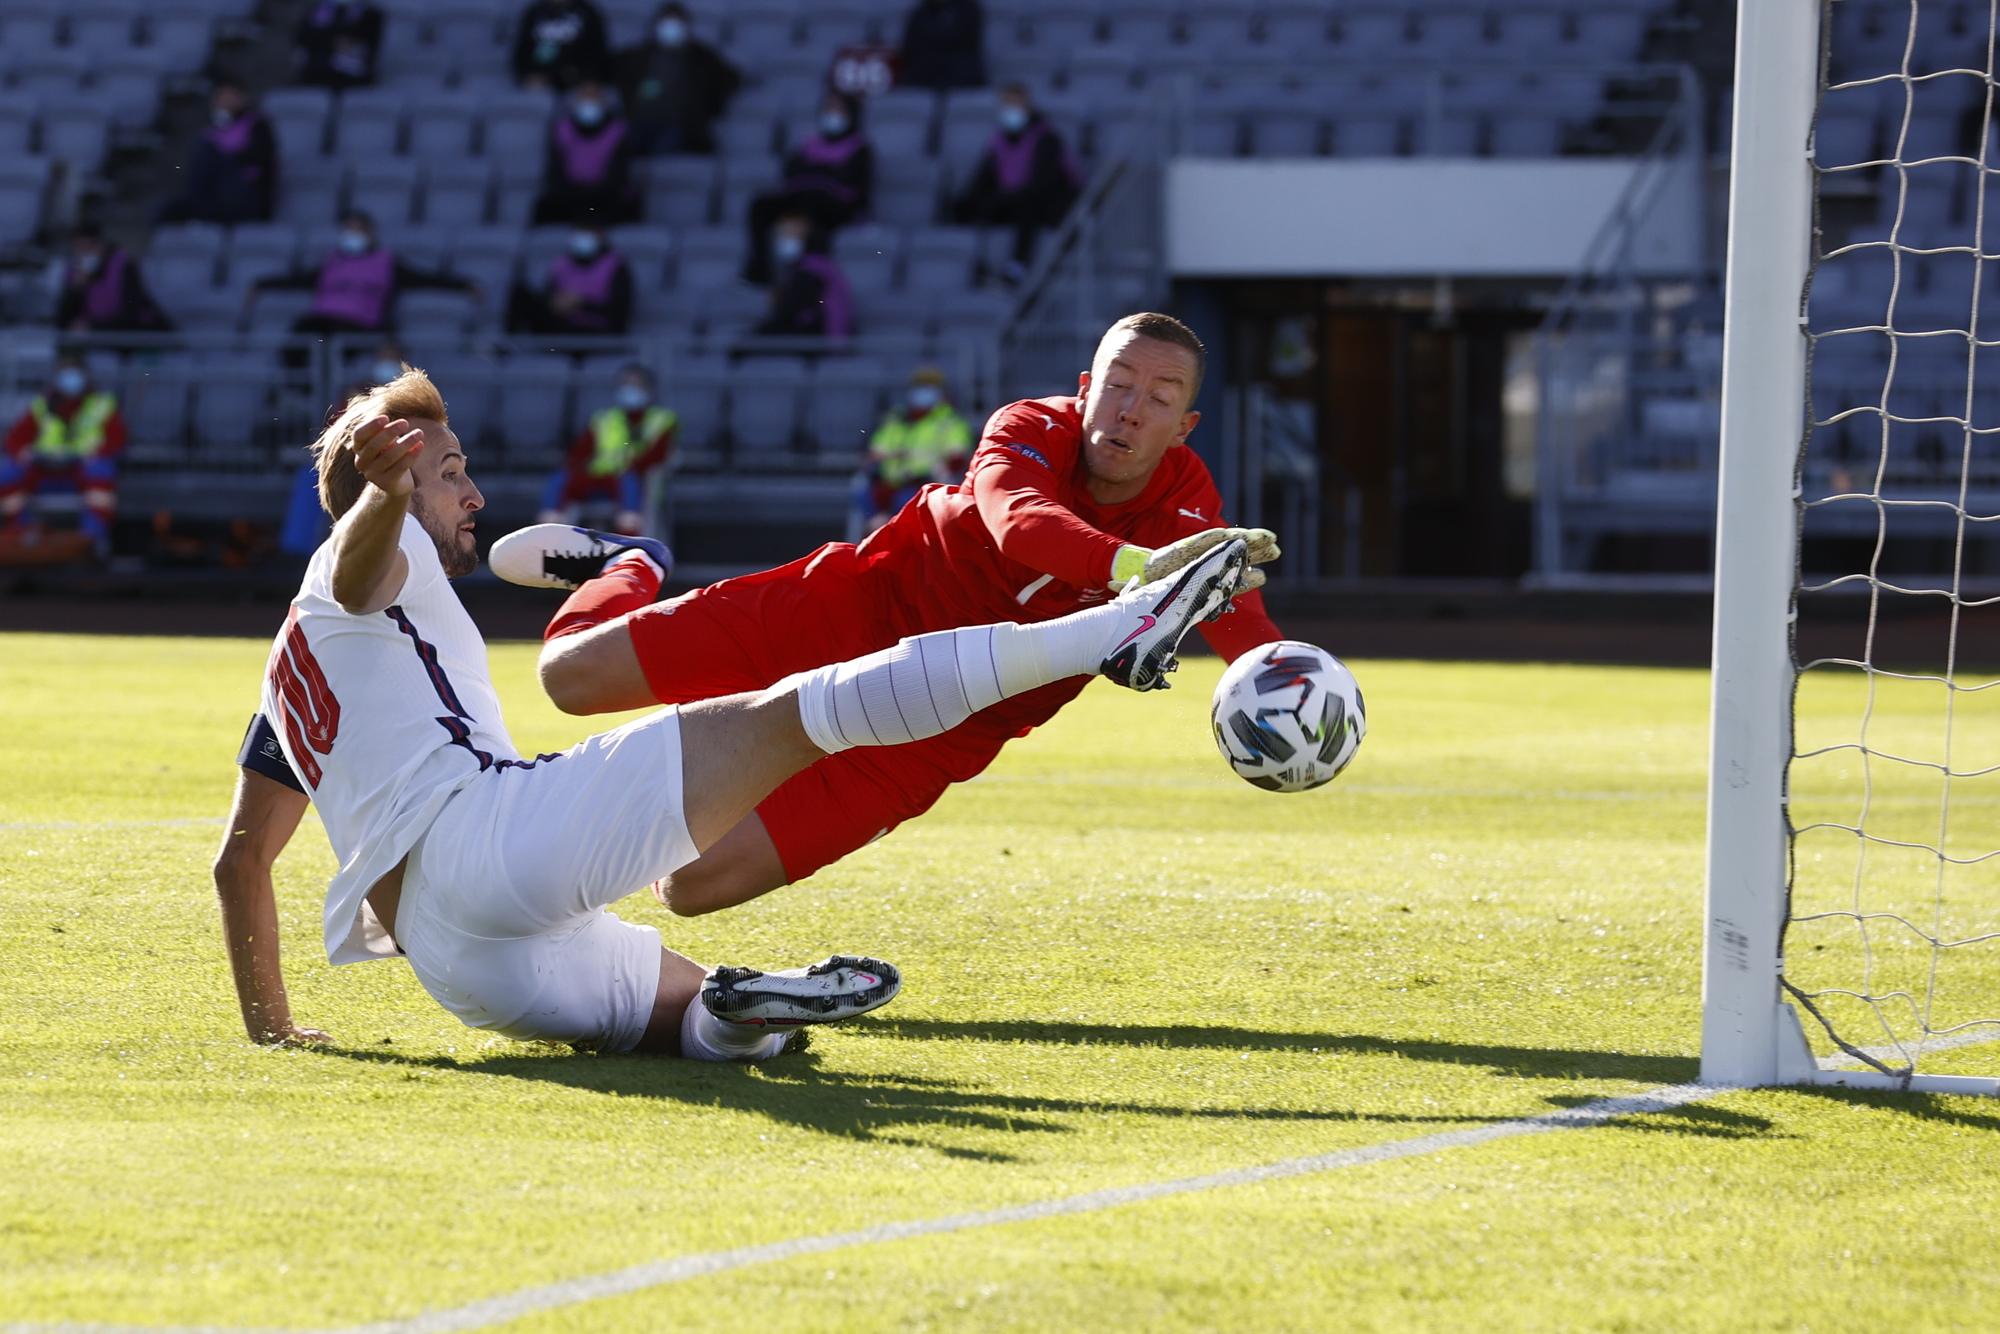 фото футбол картинки на тему игры исландия англия насколько